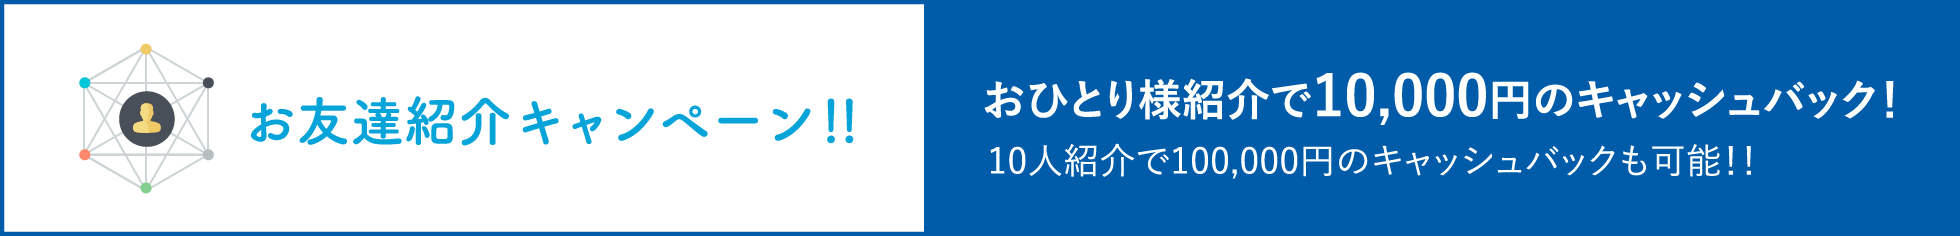 お友達紹介キャンペーン!!おひとり様紹介で10,000円のキャッシュバック!10人紹介で100,000円のキャッシュバックも可能!!